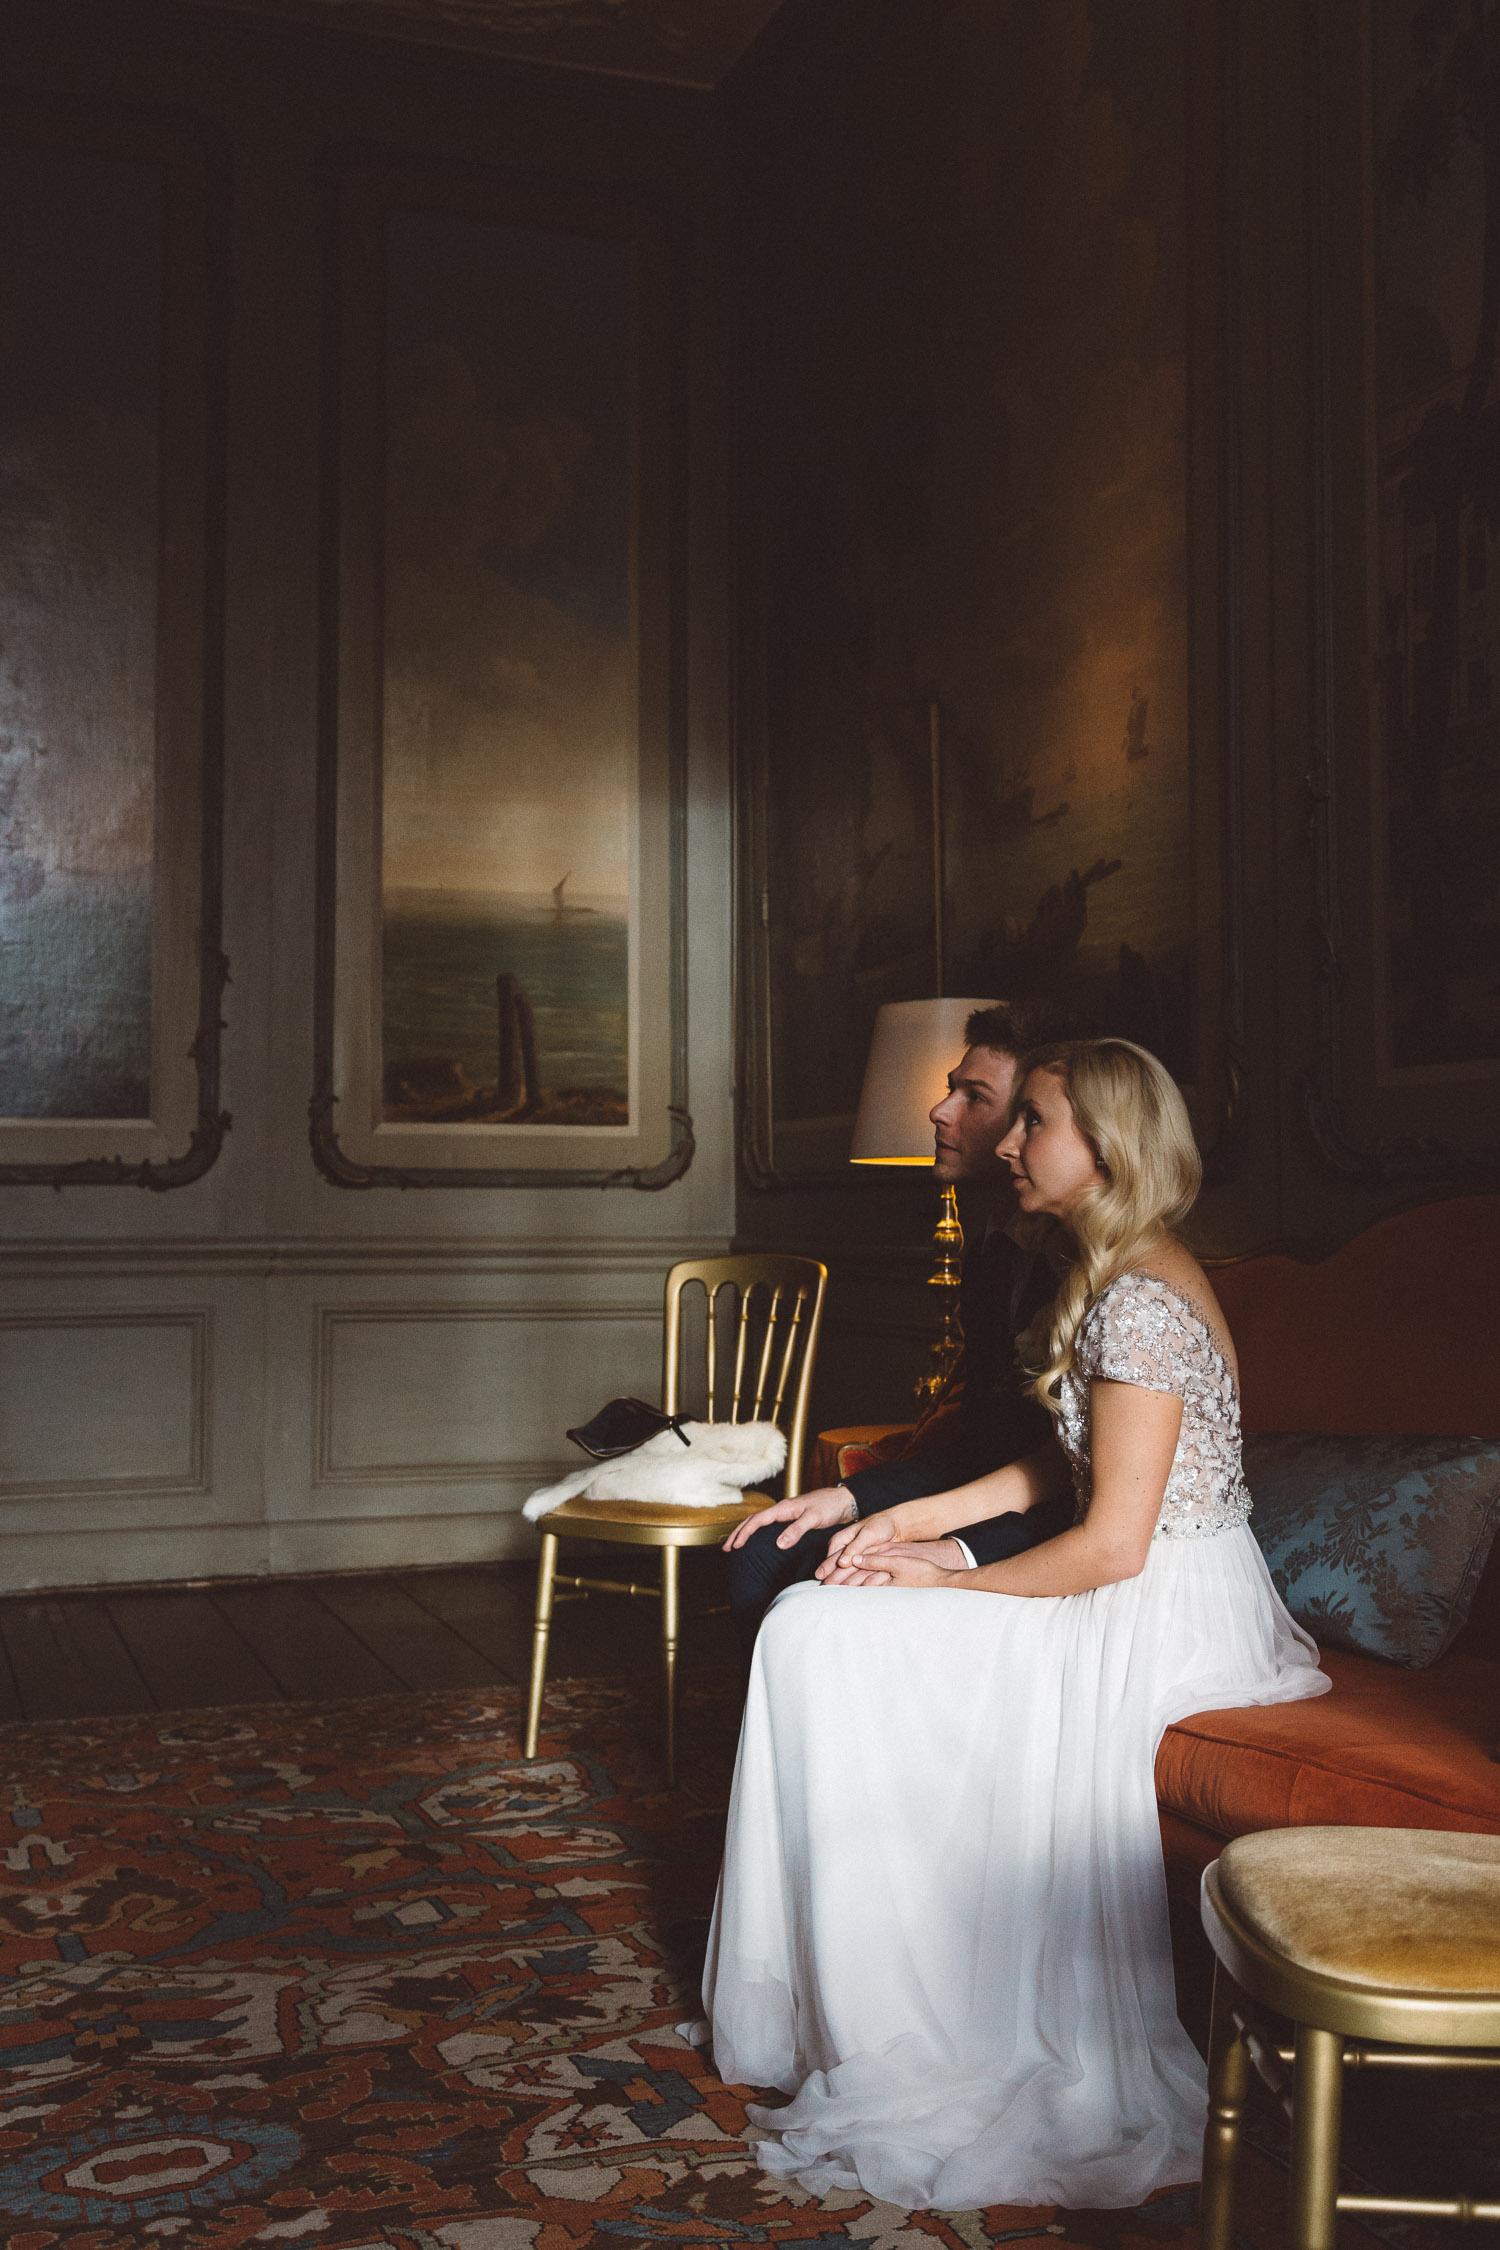 Wedding-huwelijk-trouwen-bruiloft-photography-fotografie-fotograaf-Van-Loon-Museum-by-On-a-hazy-morning-Amsterdam-4.jpg